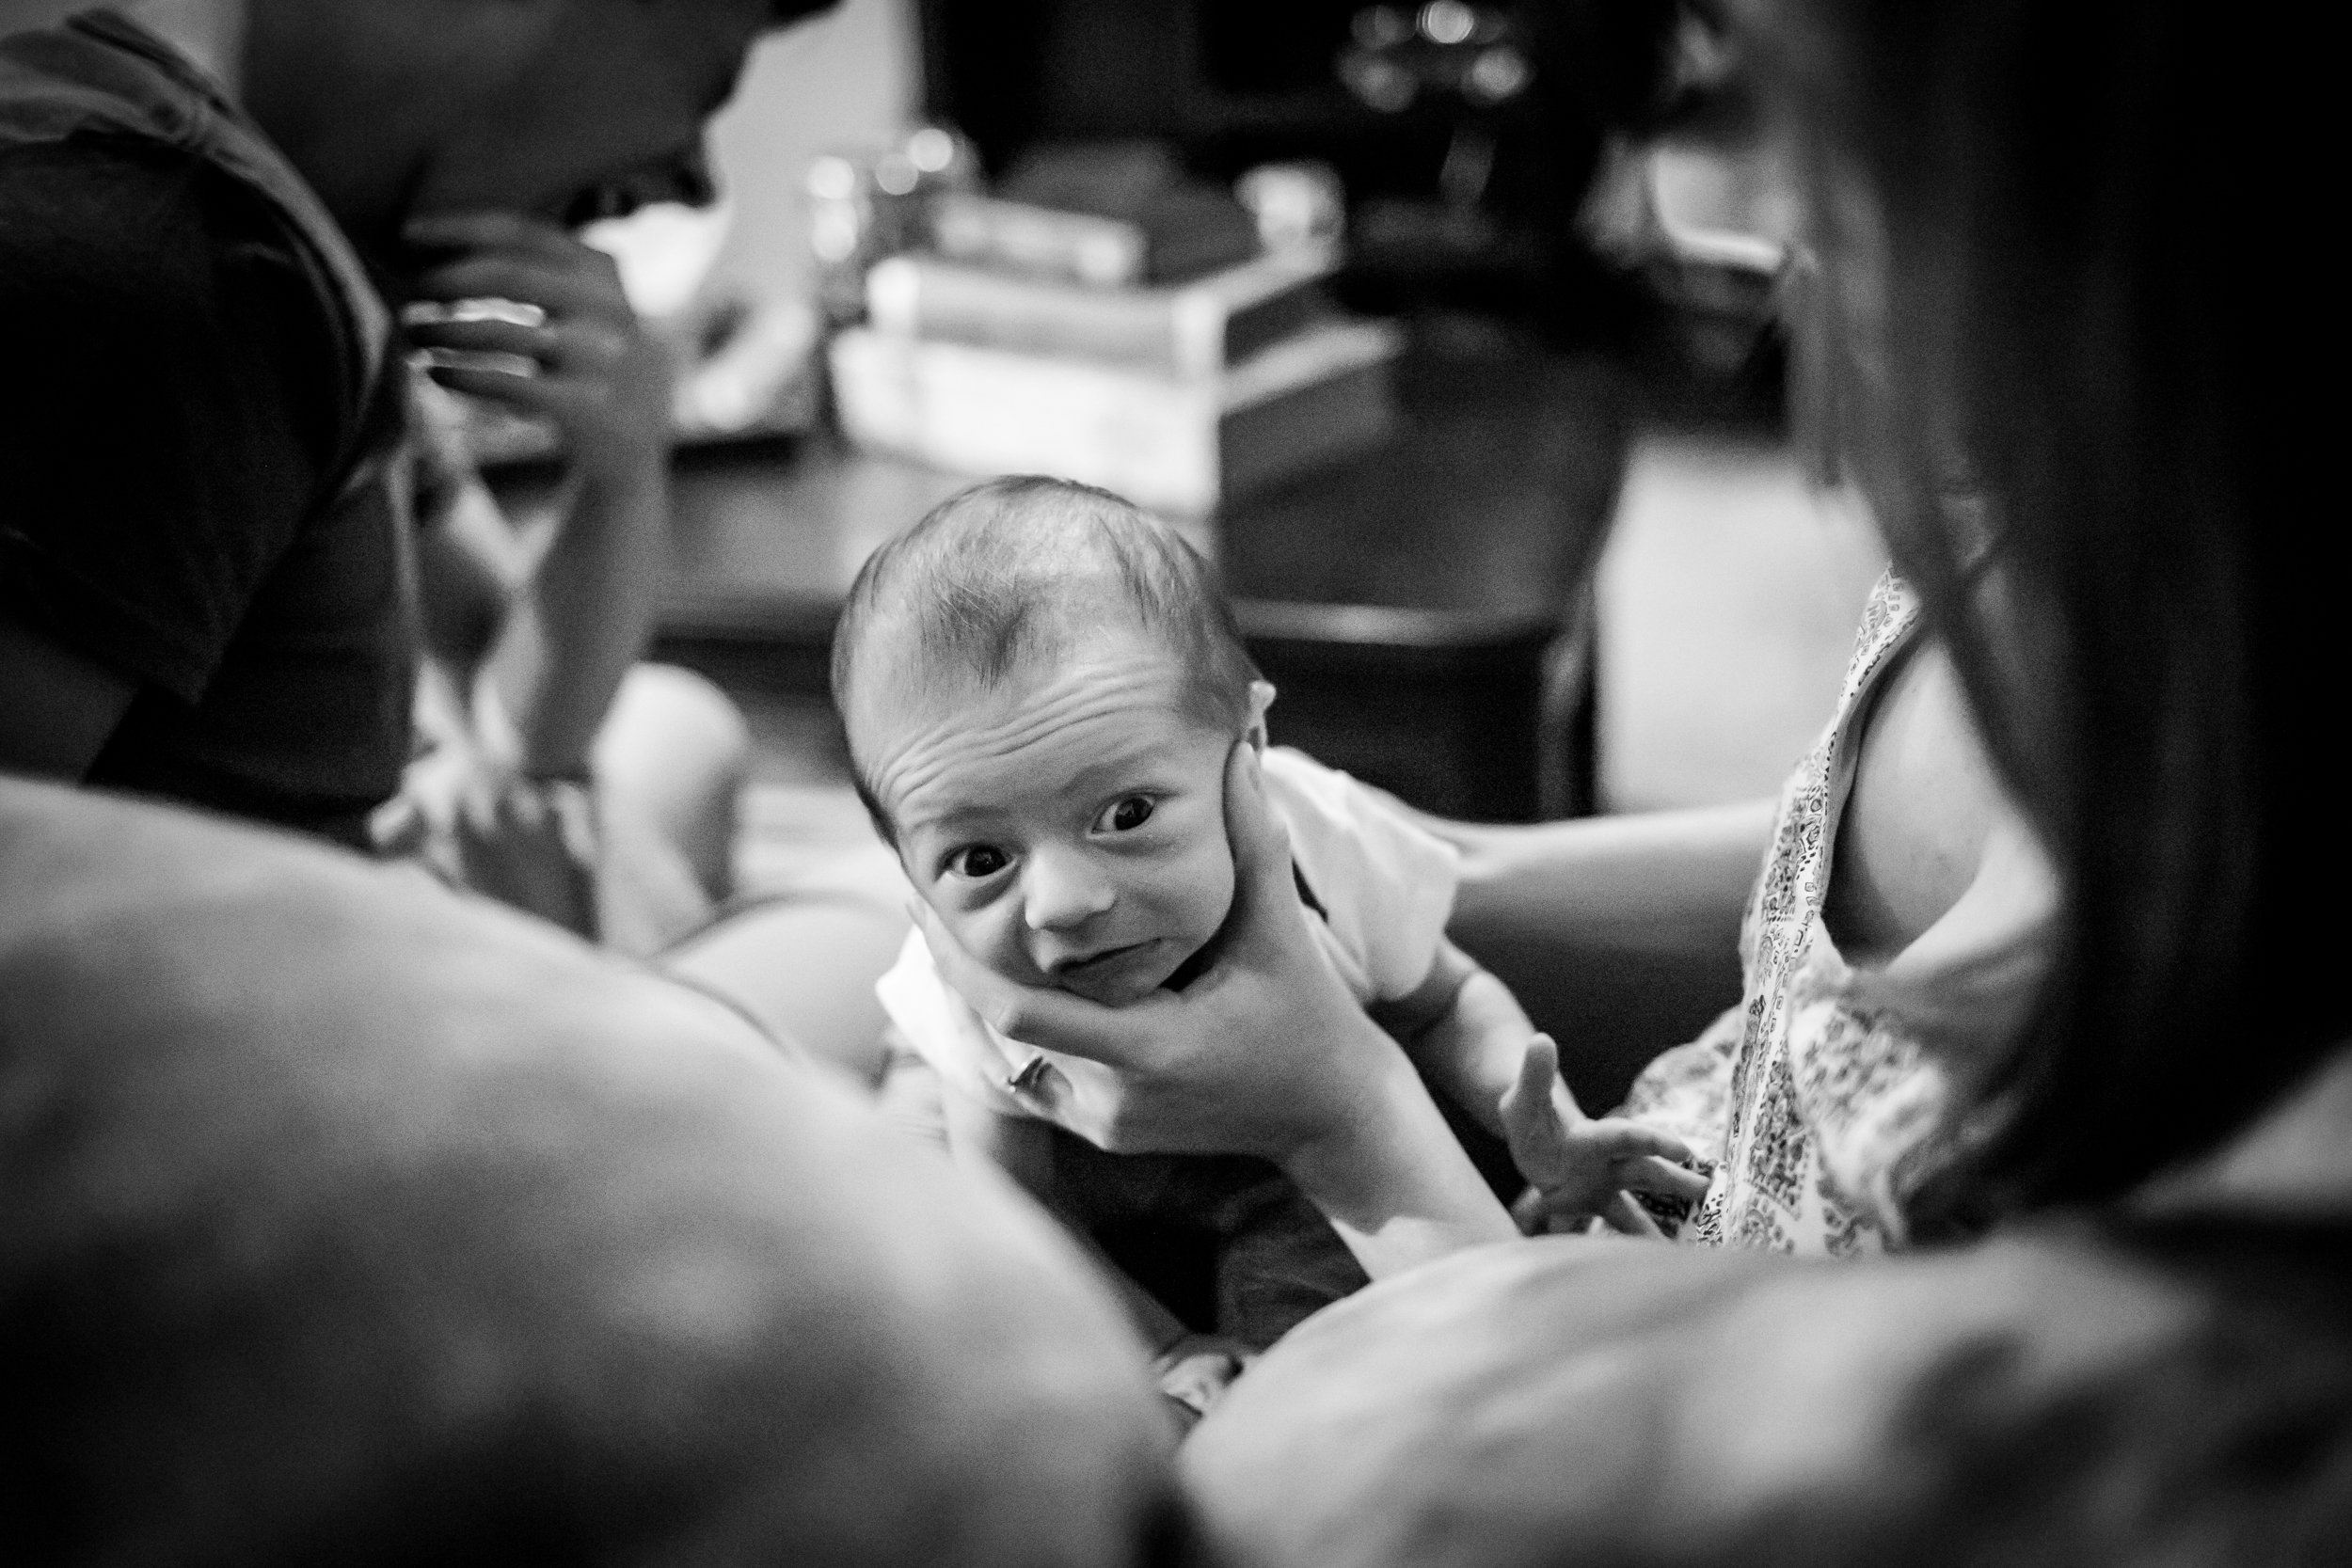 jacksonville-newborn-photographer-13.jpg